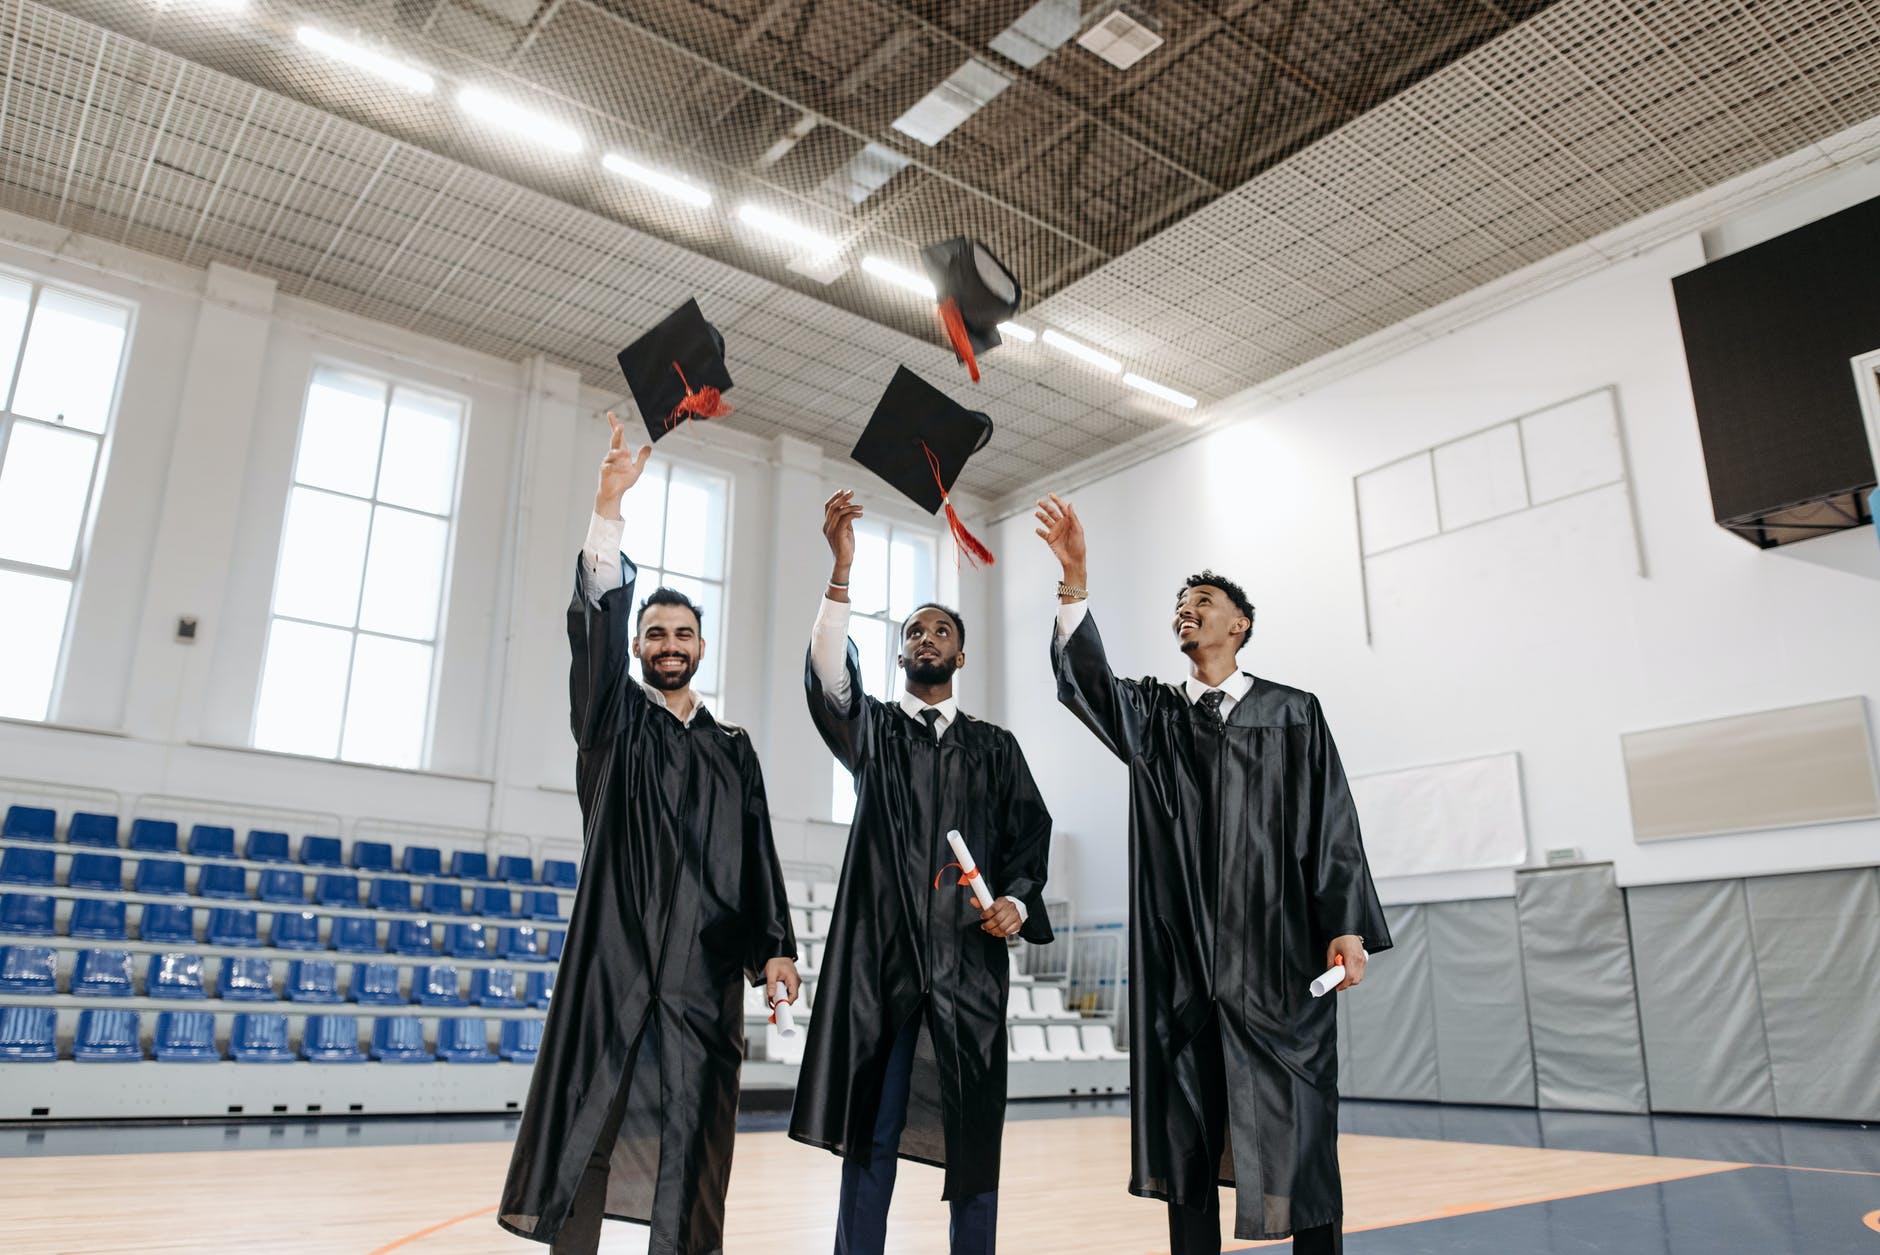 Three men in a school gymnasium celebrating their graduation.